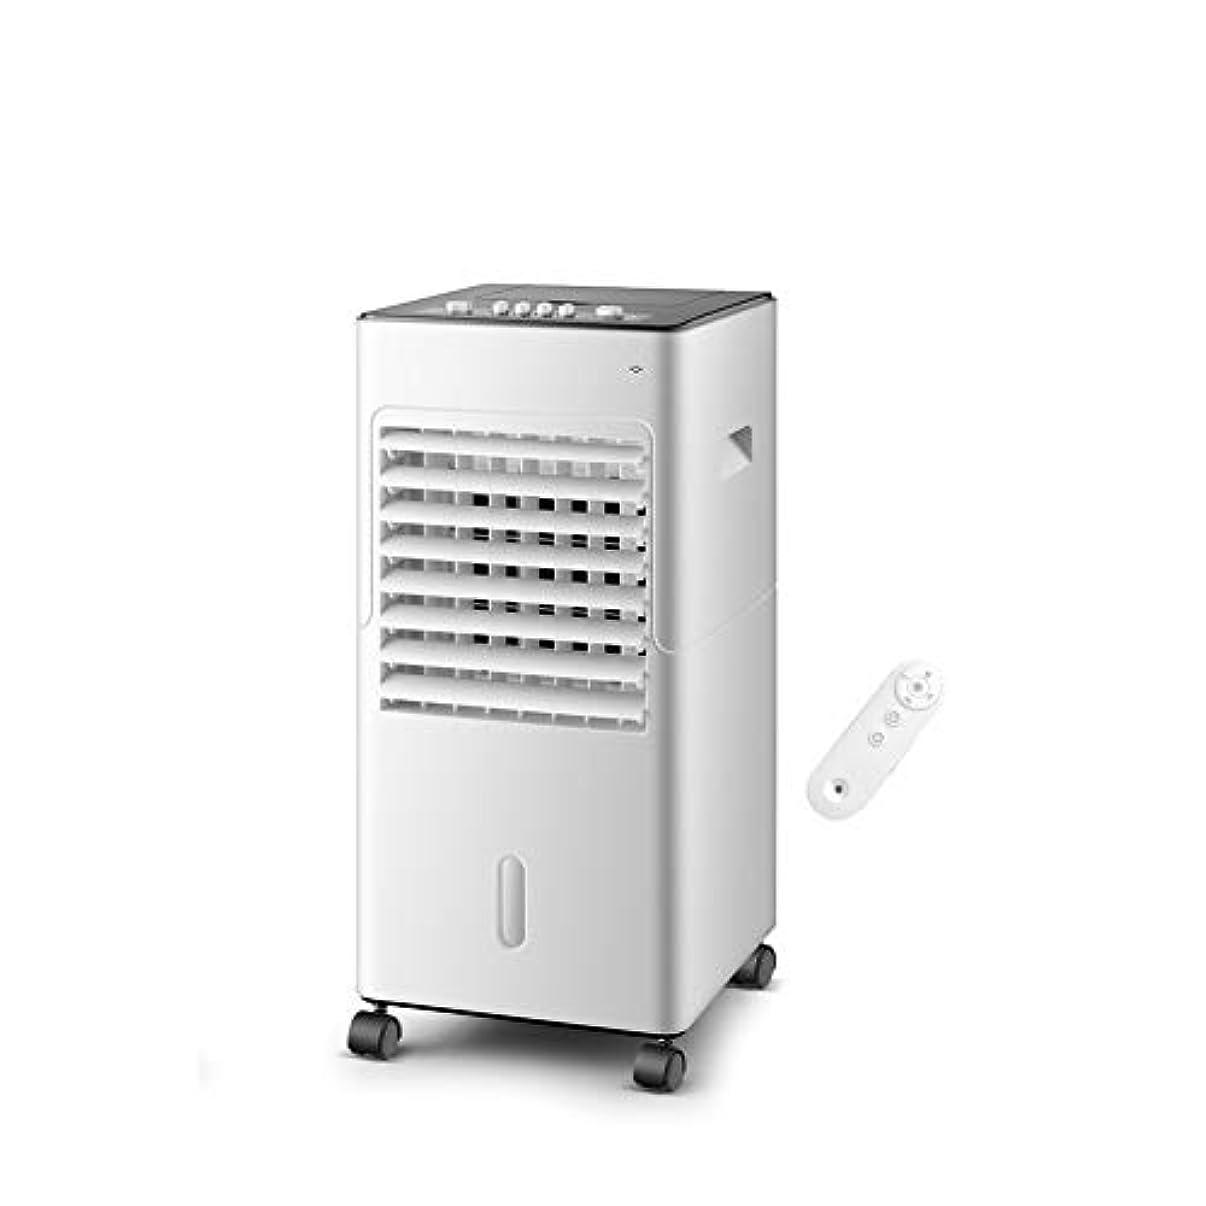 代替案外交問題シチリアLPD-冷風機 ポータブル蒸発エアコンタワーコールドエアクーラーファンモバイルエアコンタイミングリモコンマイナスイオン精製12H